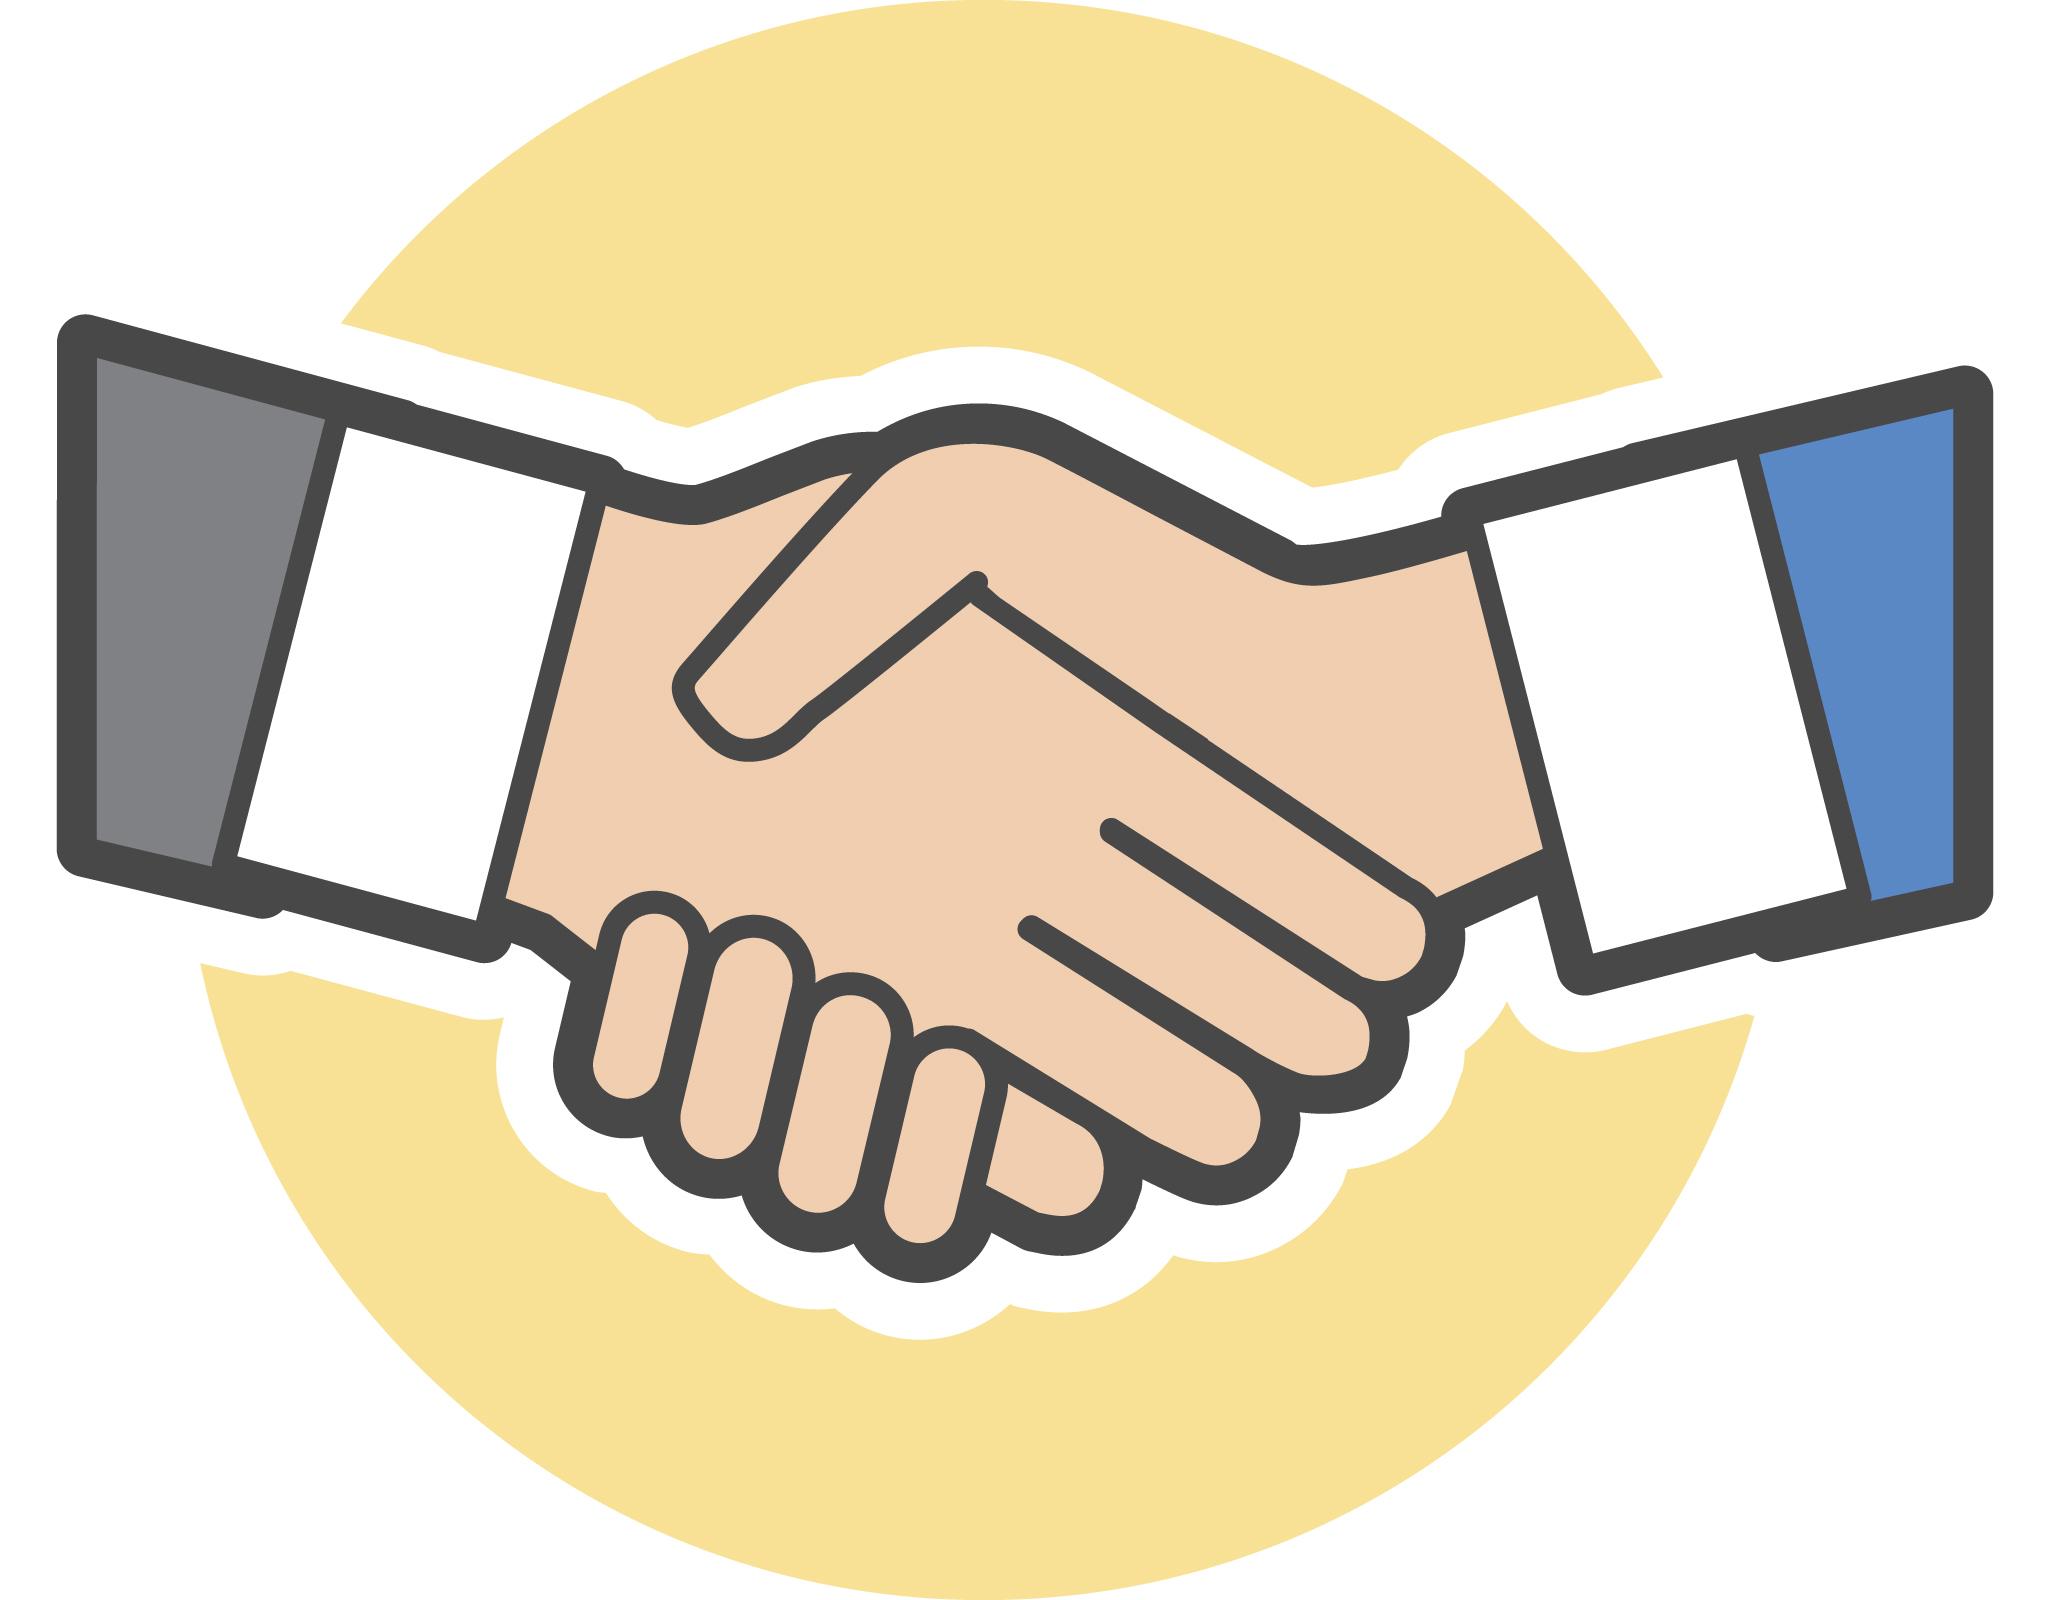 Handshake Clip Art Clipart, Handshake Free Clipart.